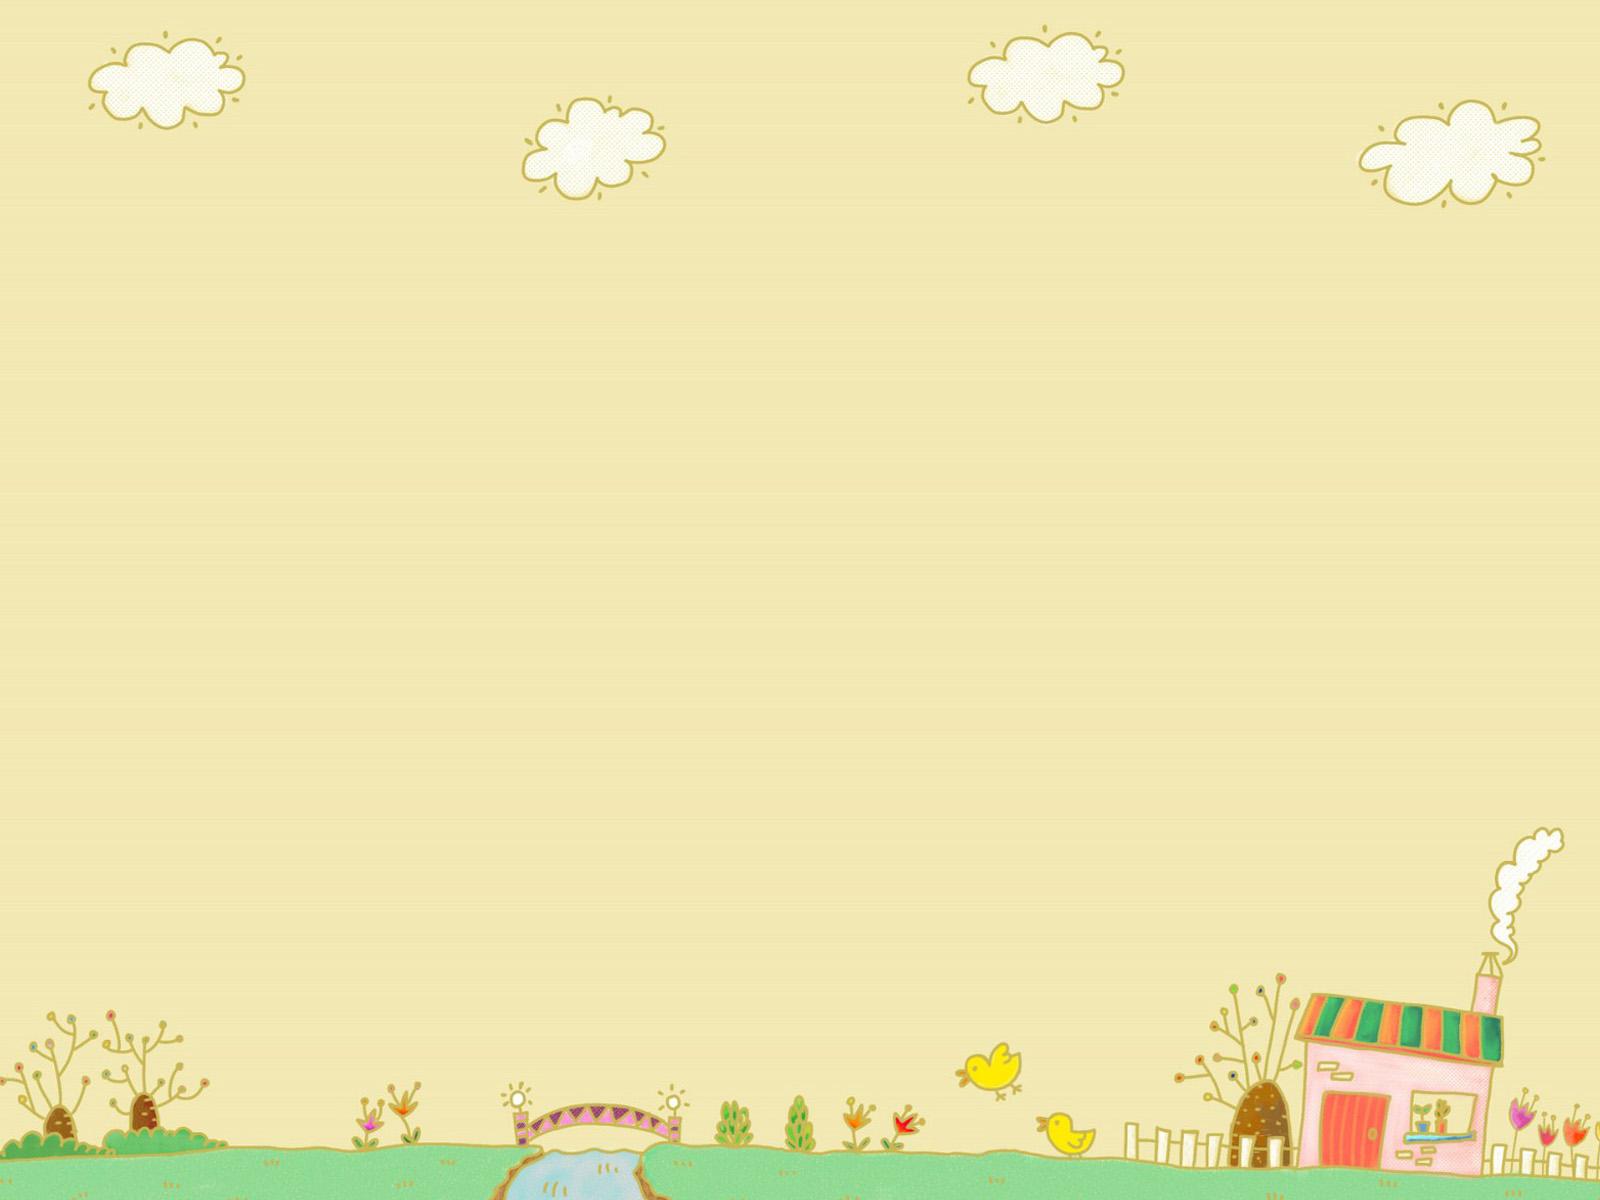 Background cho PowerPoint hình vẽ đáng yêu